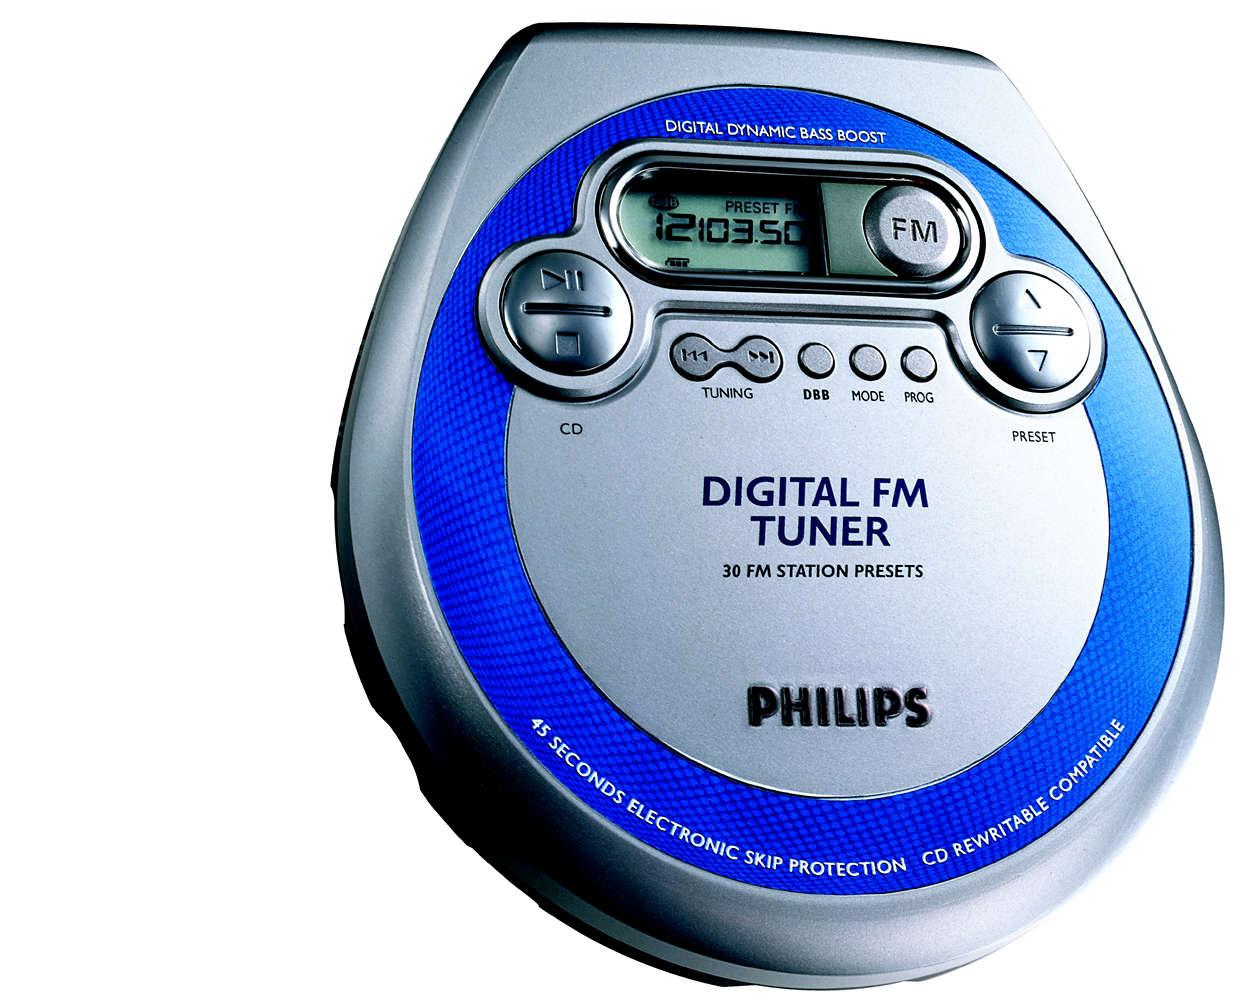 PLUS Digital FM tuner